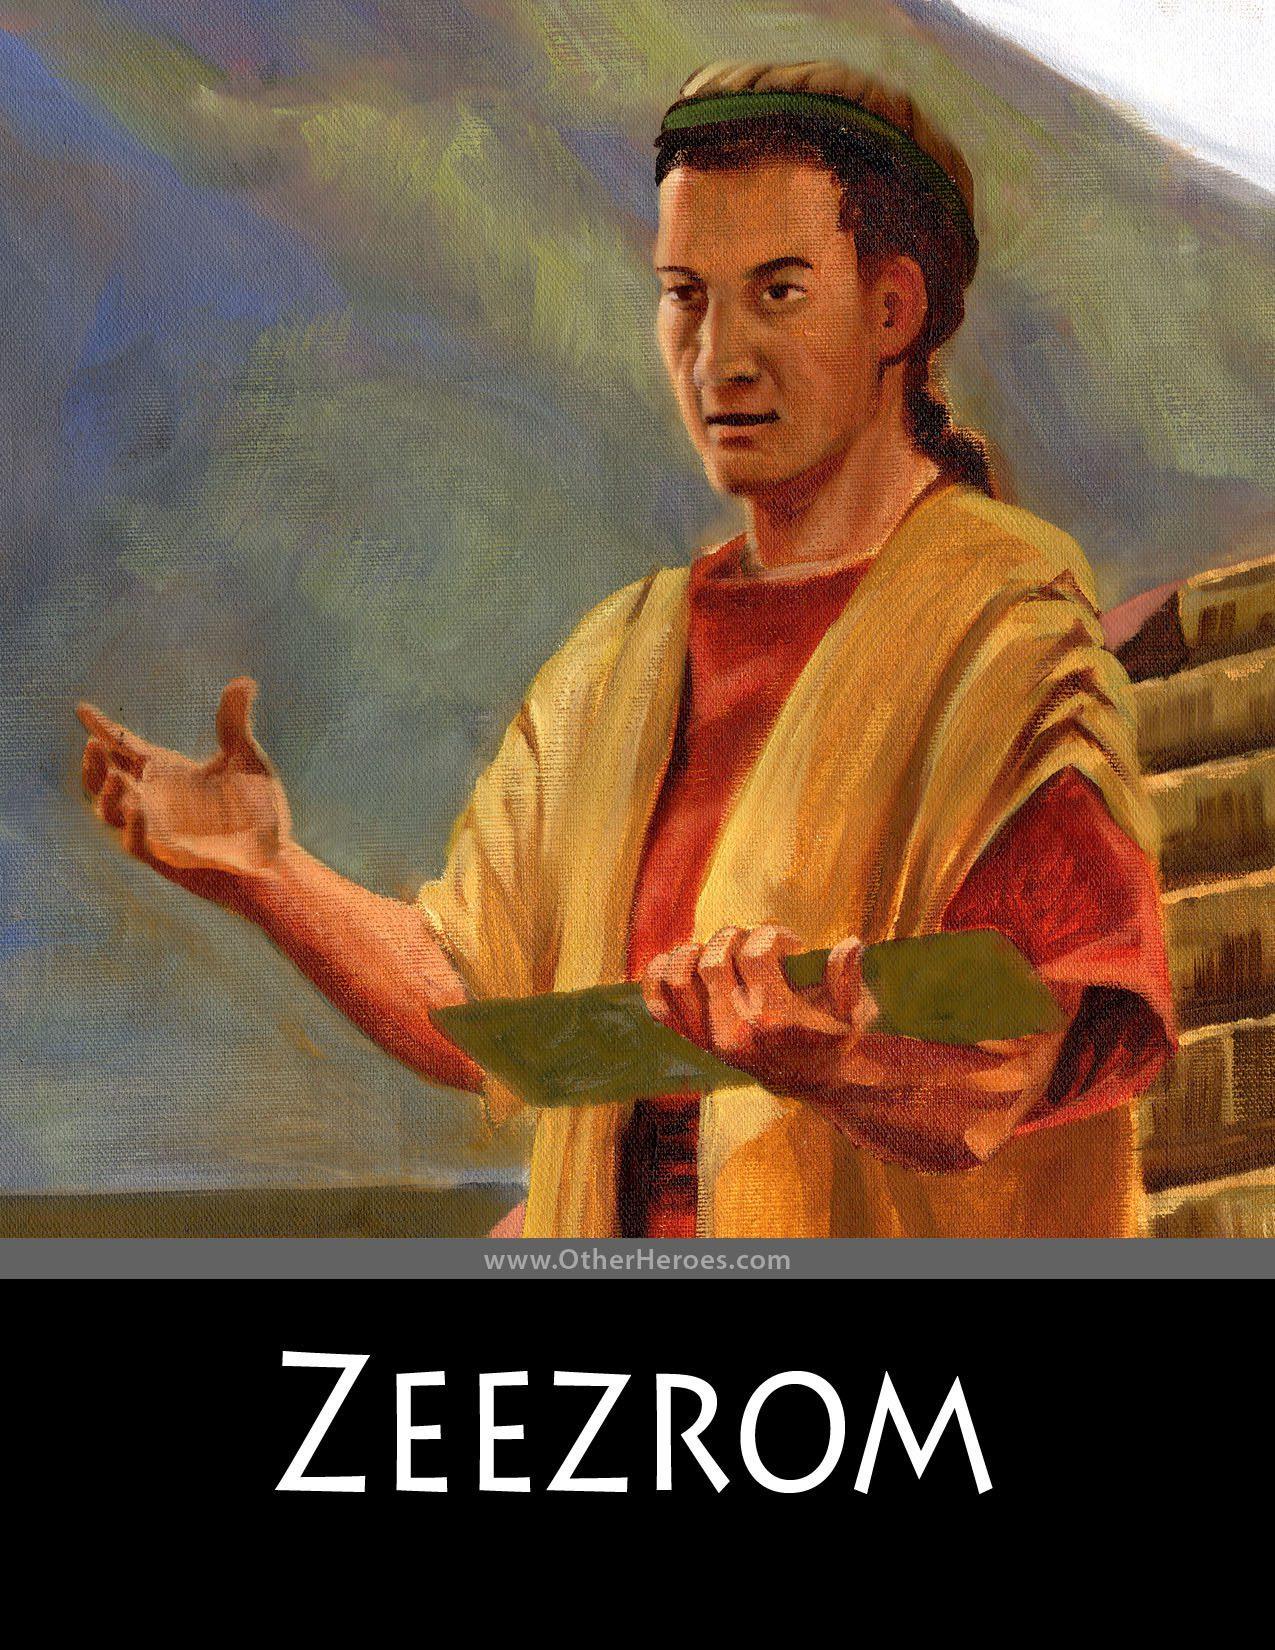 zeezrom